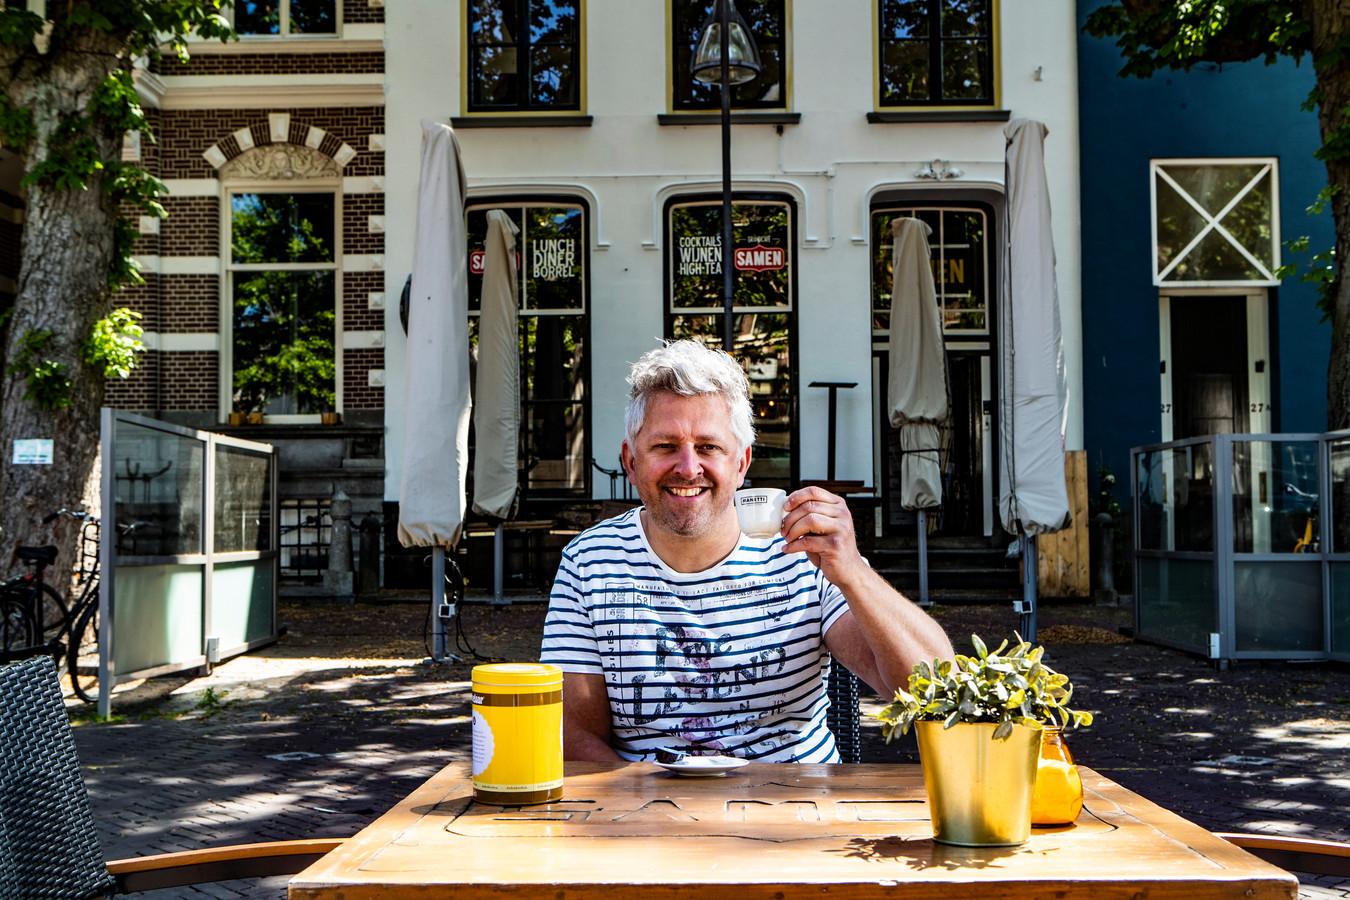 Martijn Gerretsen in het begin van de coronaperiode, voor zijn horecazaak Samen.